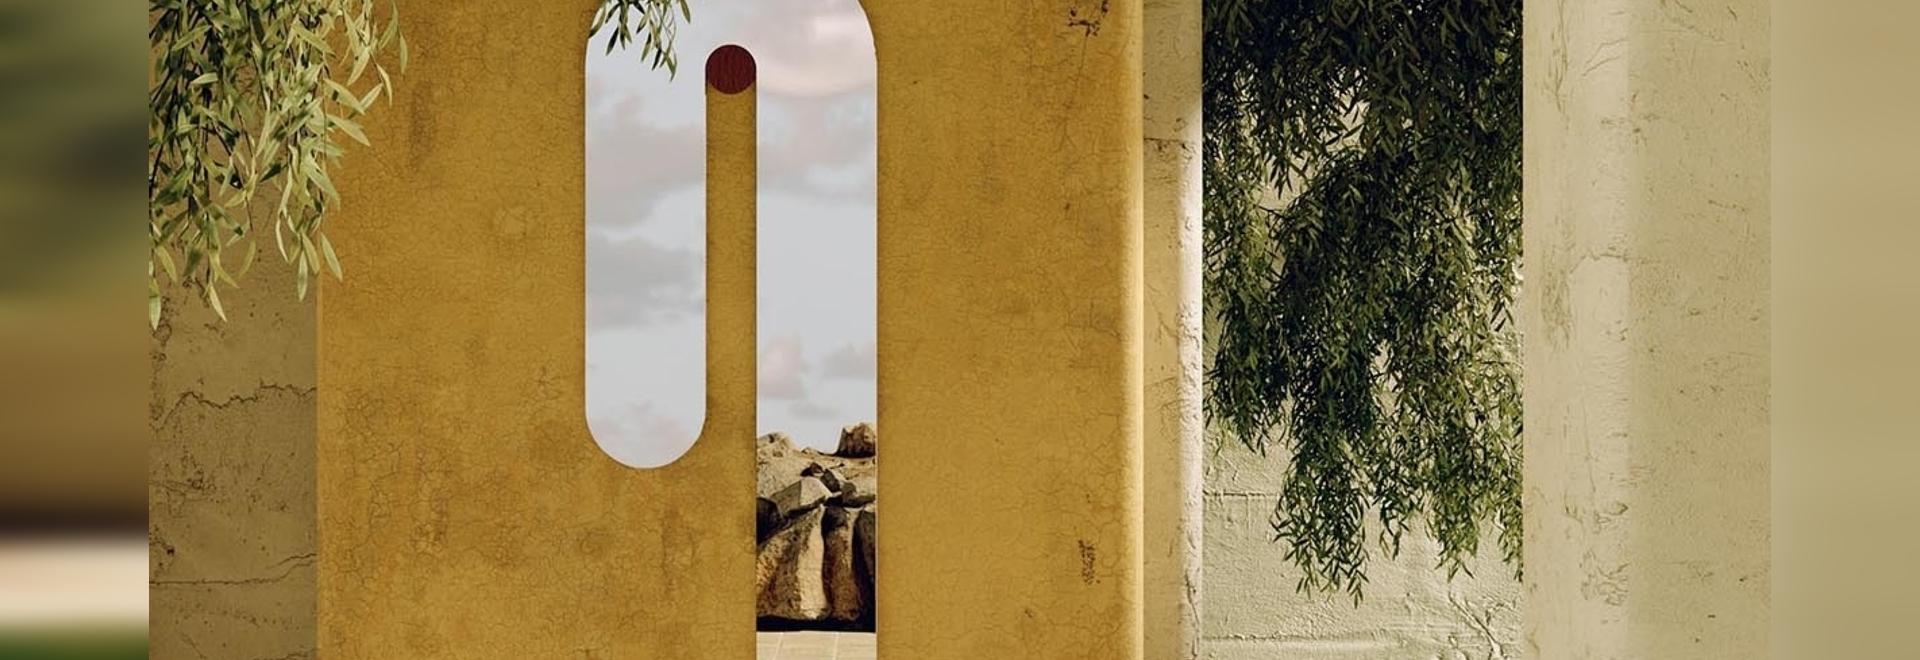 Specchi e mobili appaiono per fondersi nell'ultima collezione di Bower Studios